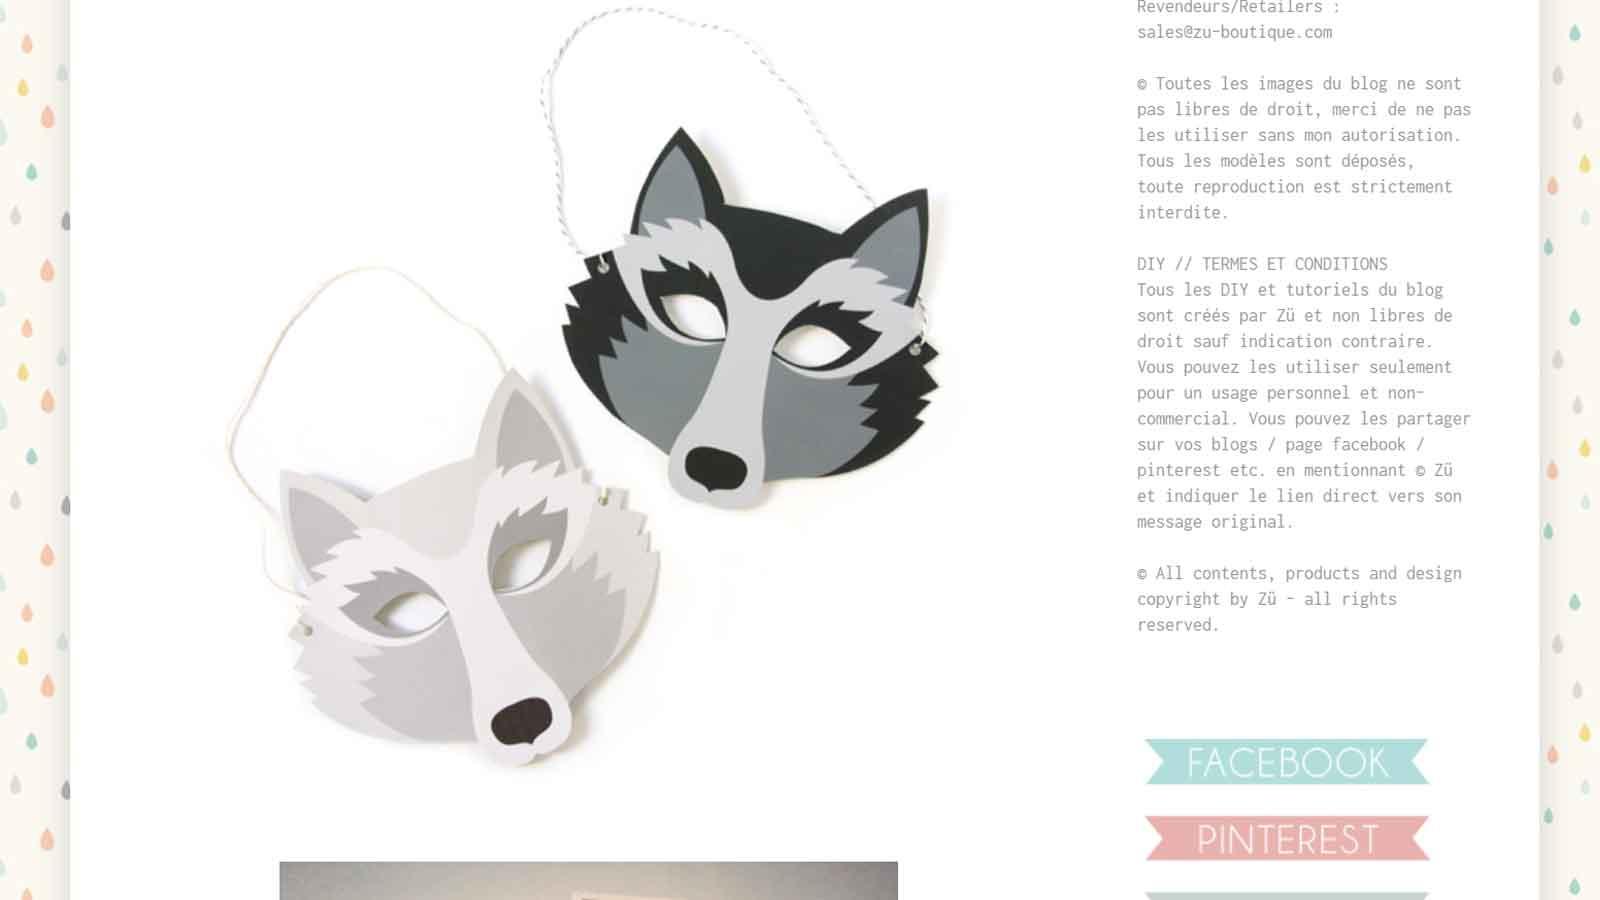 Diy : 19 Masques Gratuits À Imprimer Et Découper Soi-Même concernant Masque À Imprimer Animaux